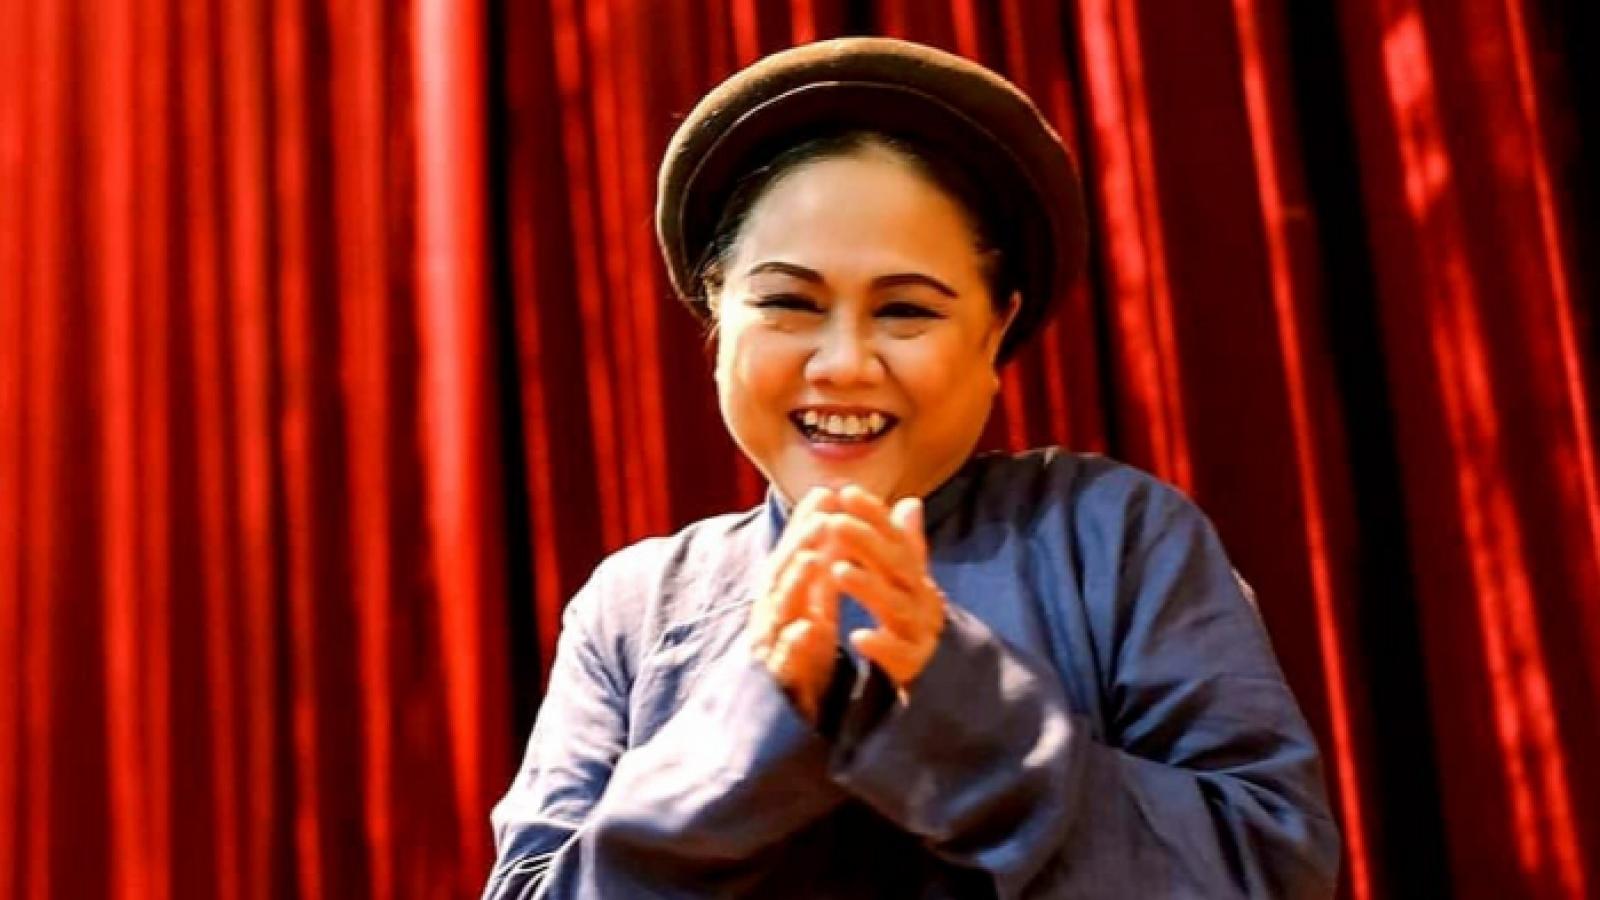 Bộ Văn hóa trả lời việc xét tặng danh hiệu NSƯT cho nghệ sĩ Ái Như